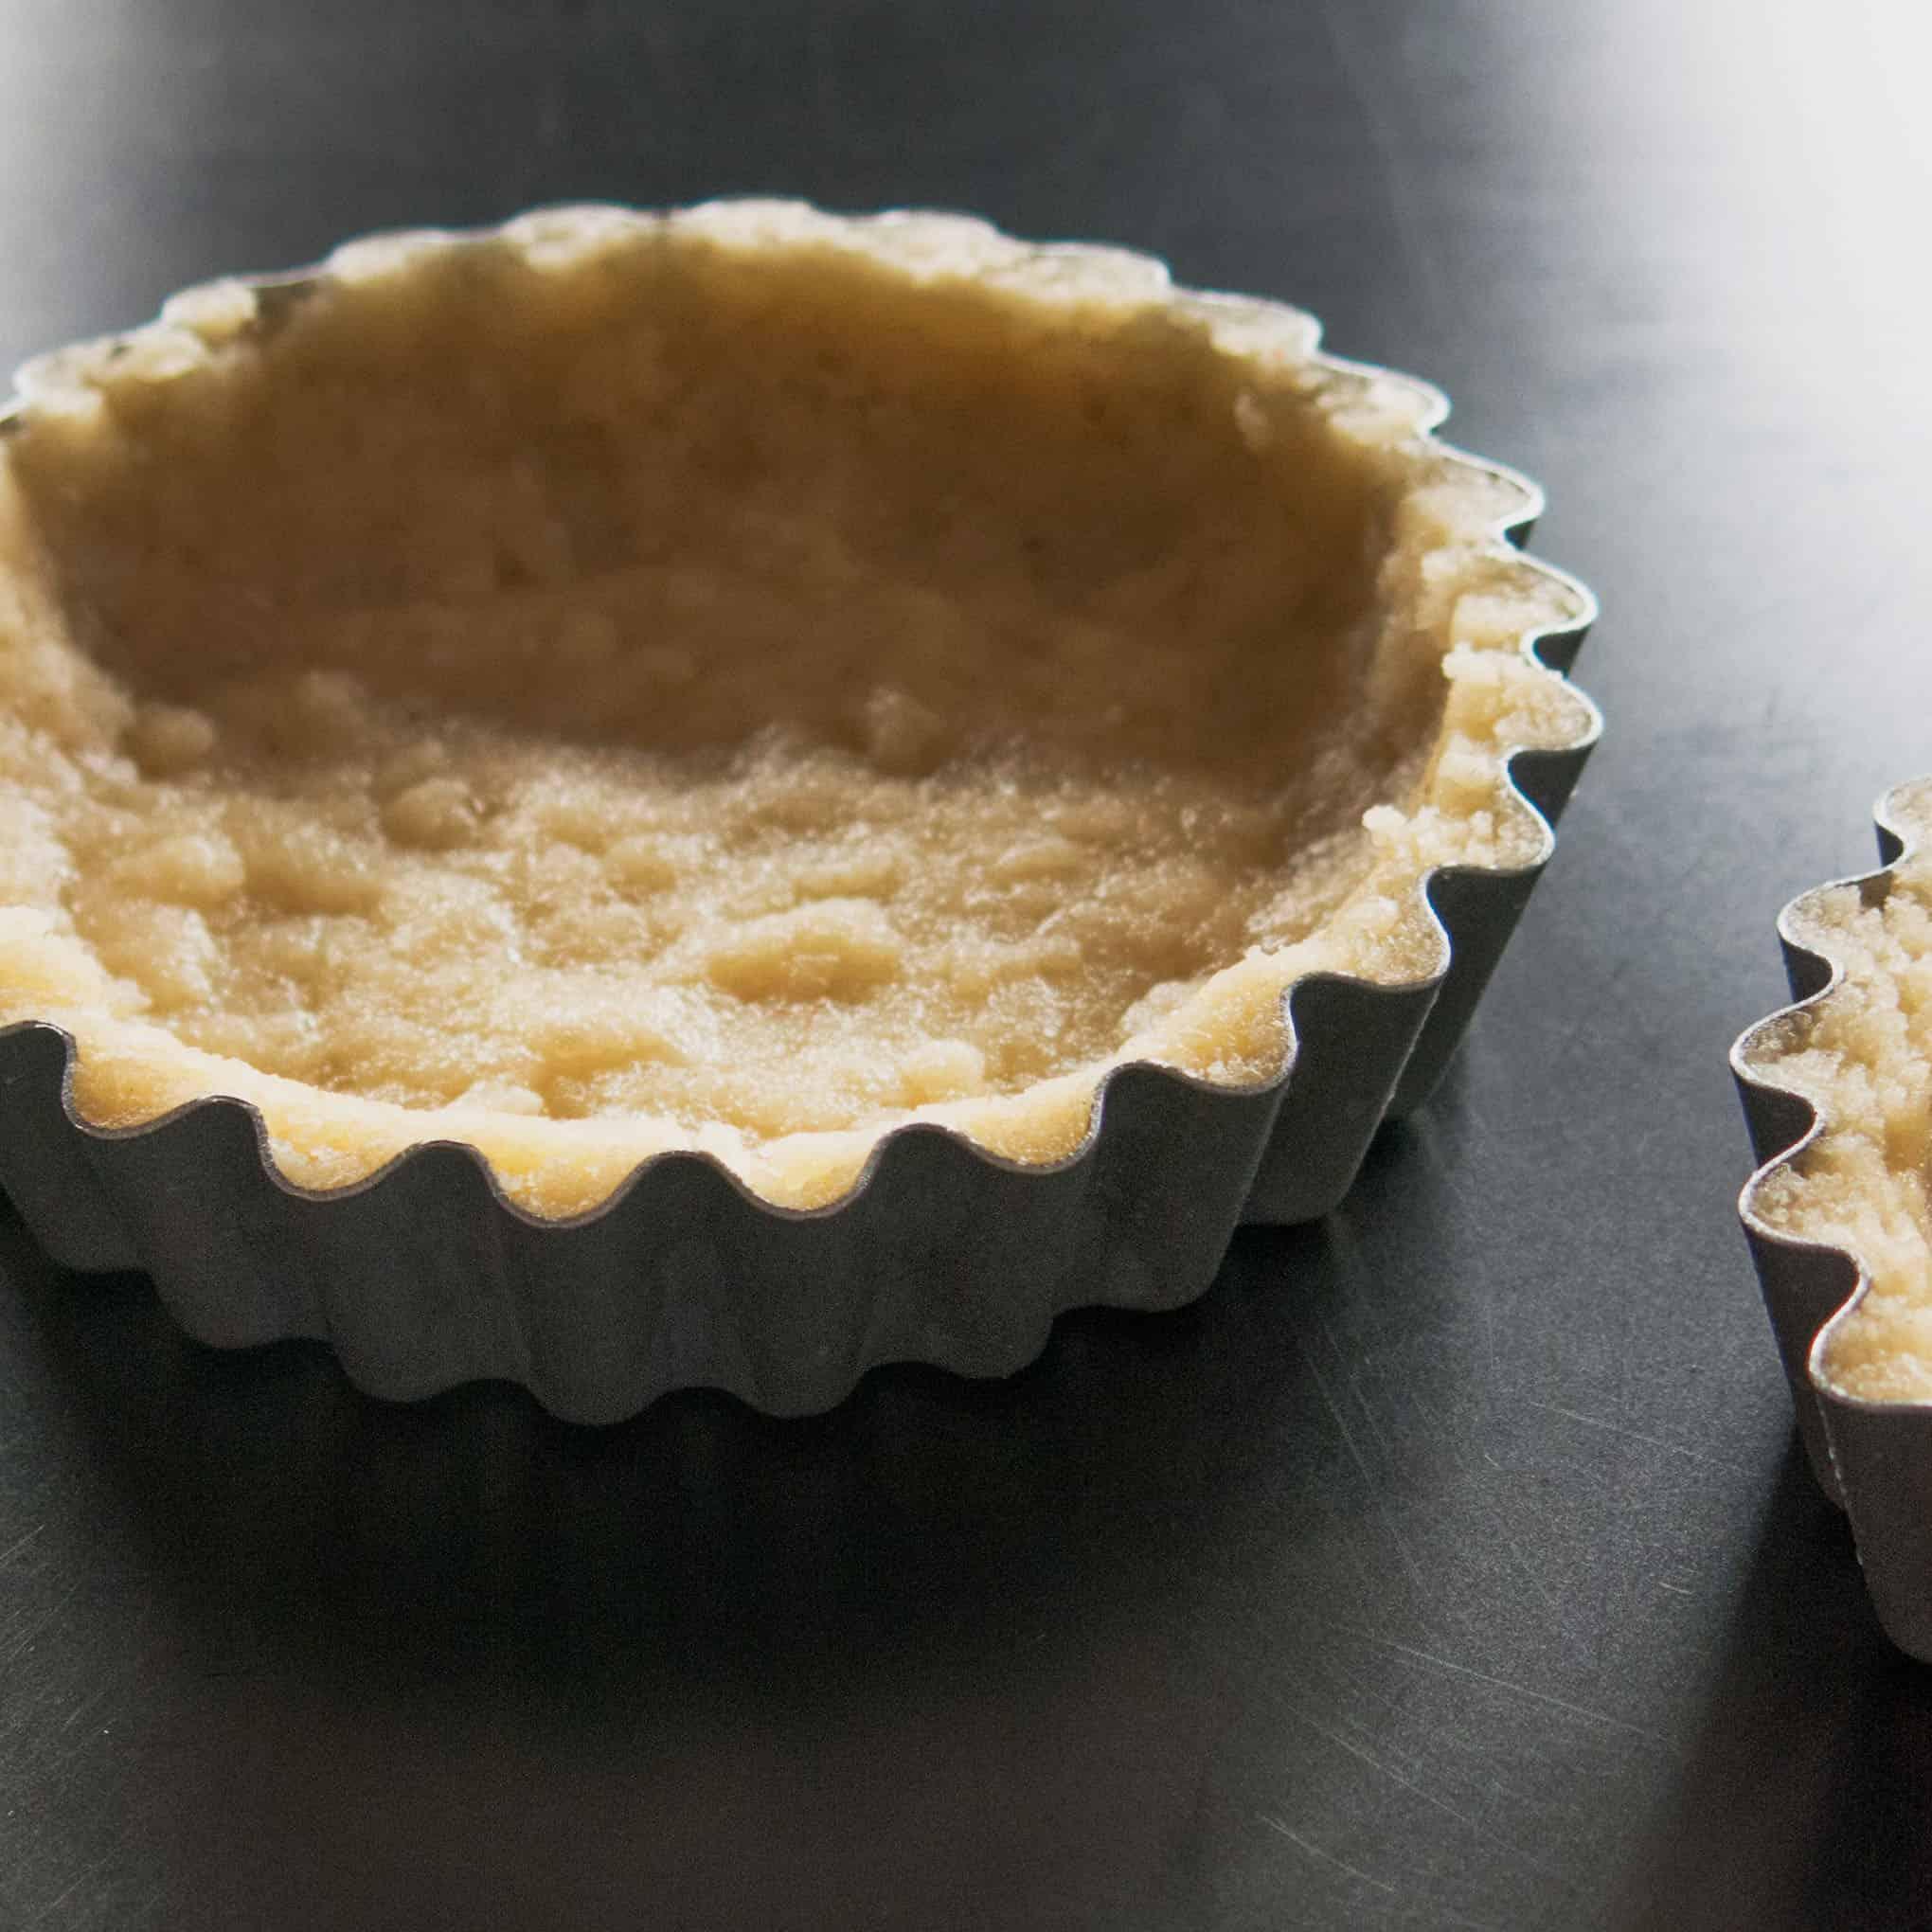 Gluten free, vegan sweet almond tart case - baked ready for filling.